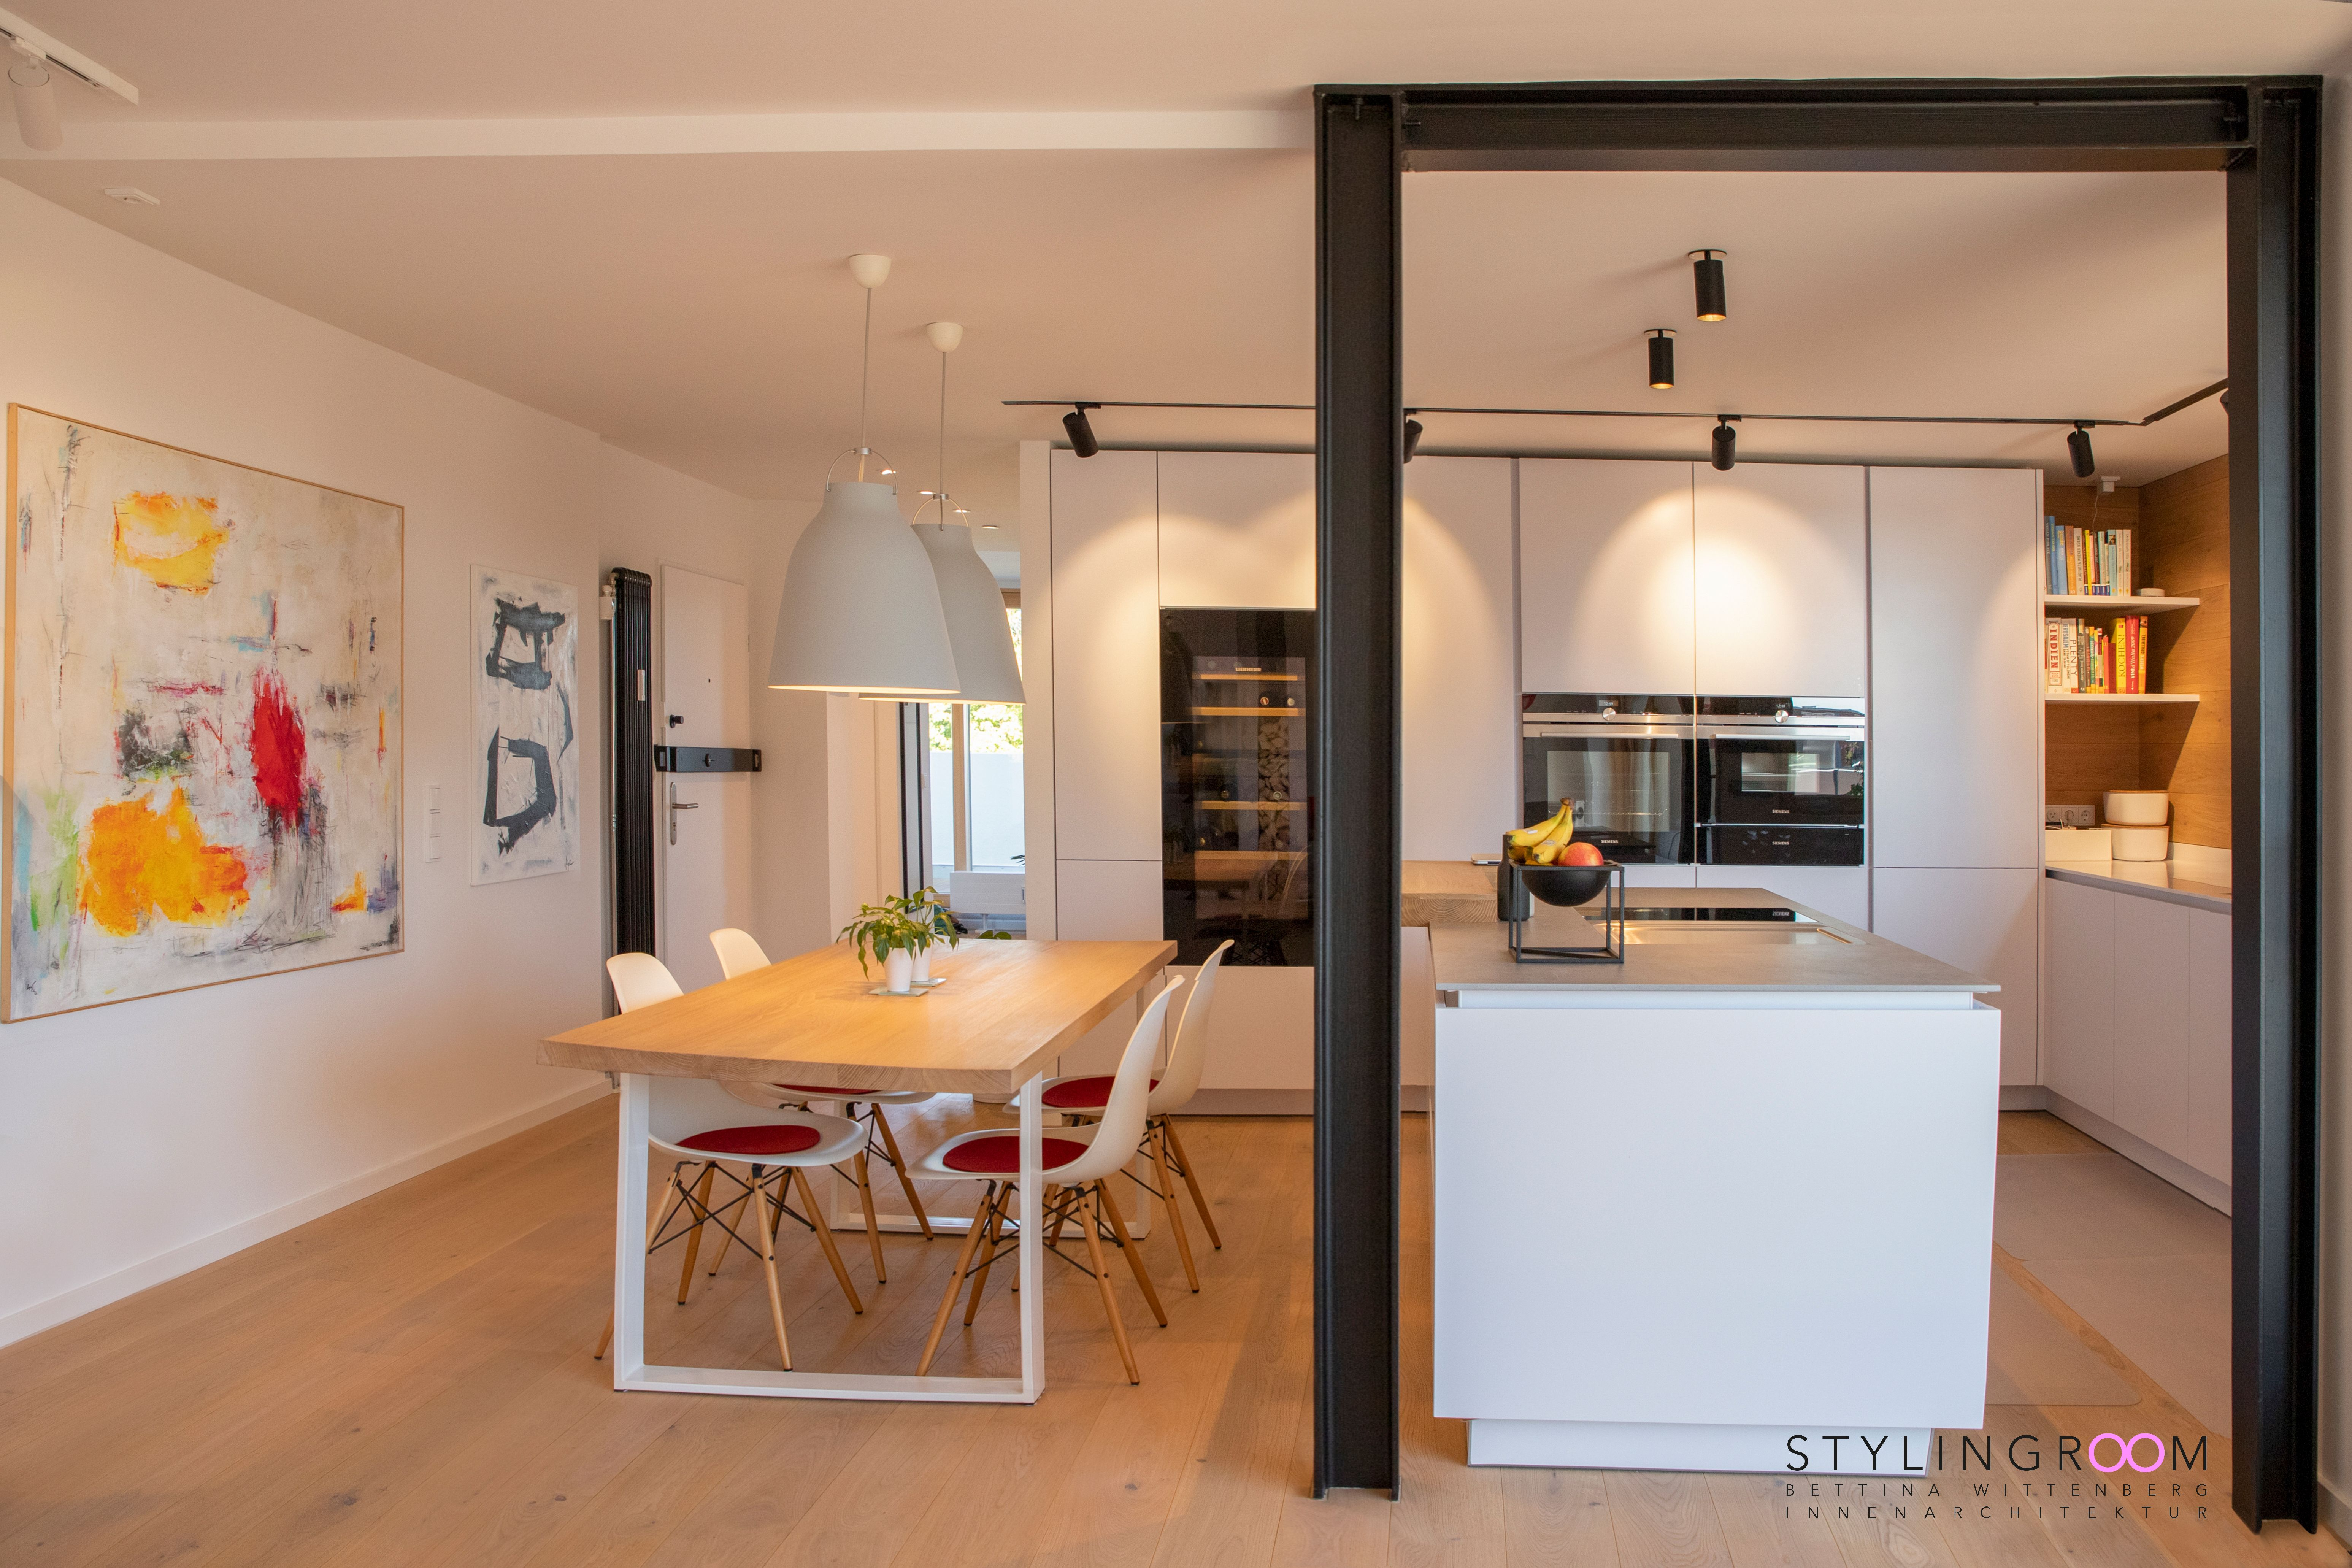 Kochinsel im Raum   Haus, Innenarchitektur, Wohnen